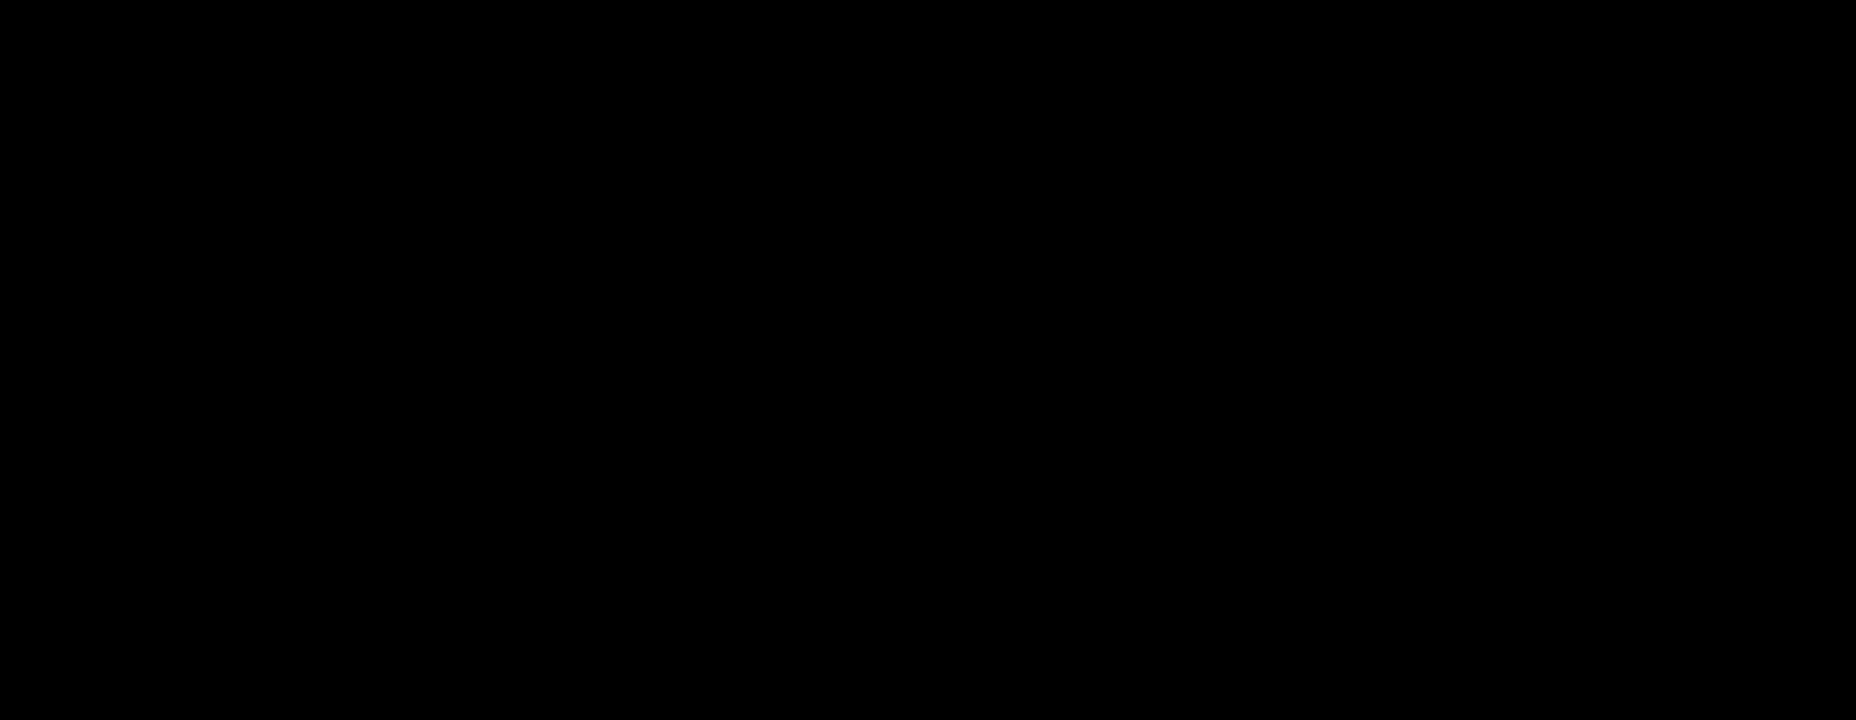 ドキュサイン、期間限定で「脱ハンコ」をサポートする20%割引キャンペーンを実施|ドキュサイン・ジャパン株式会社のプレスリリース